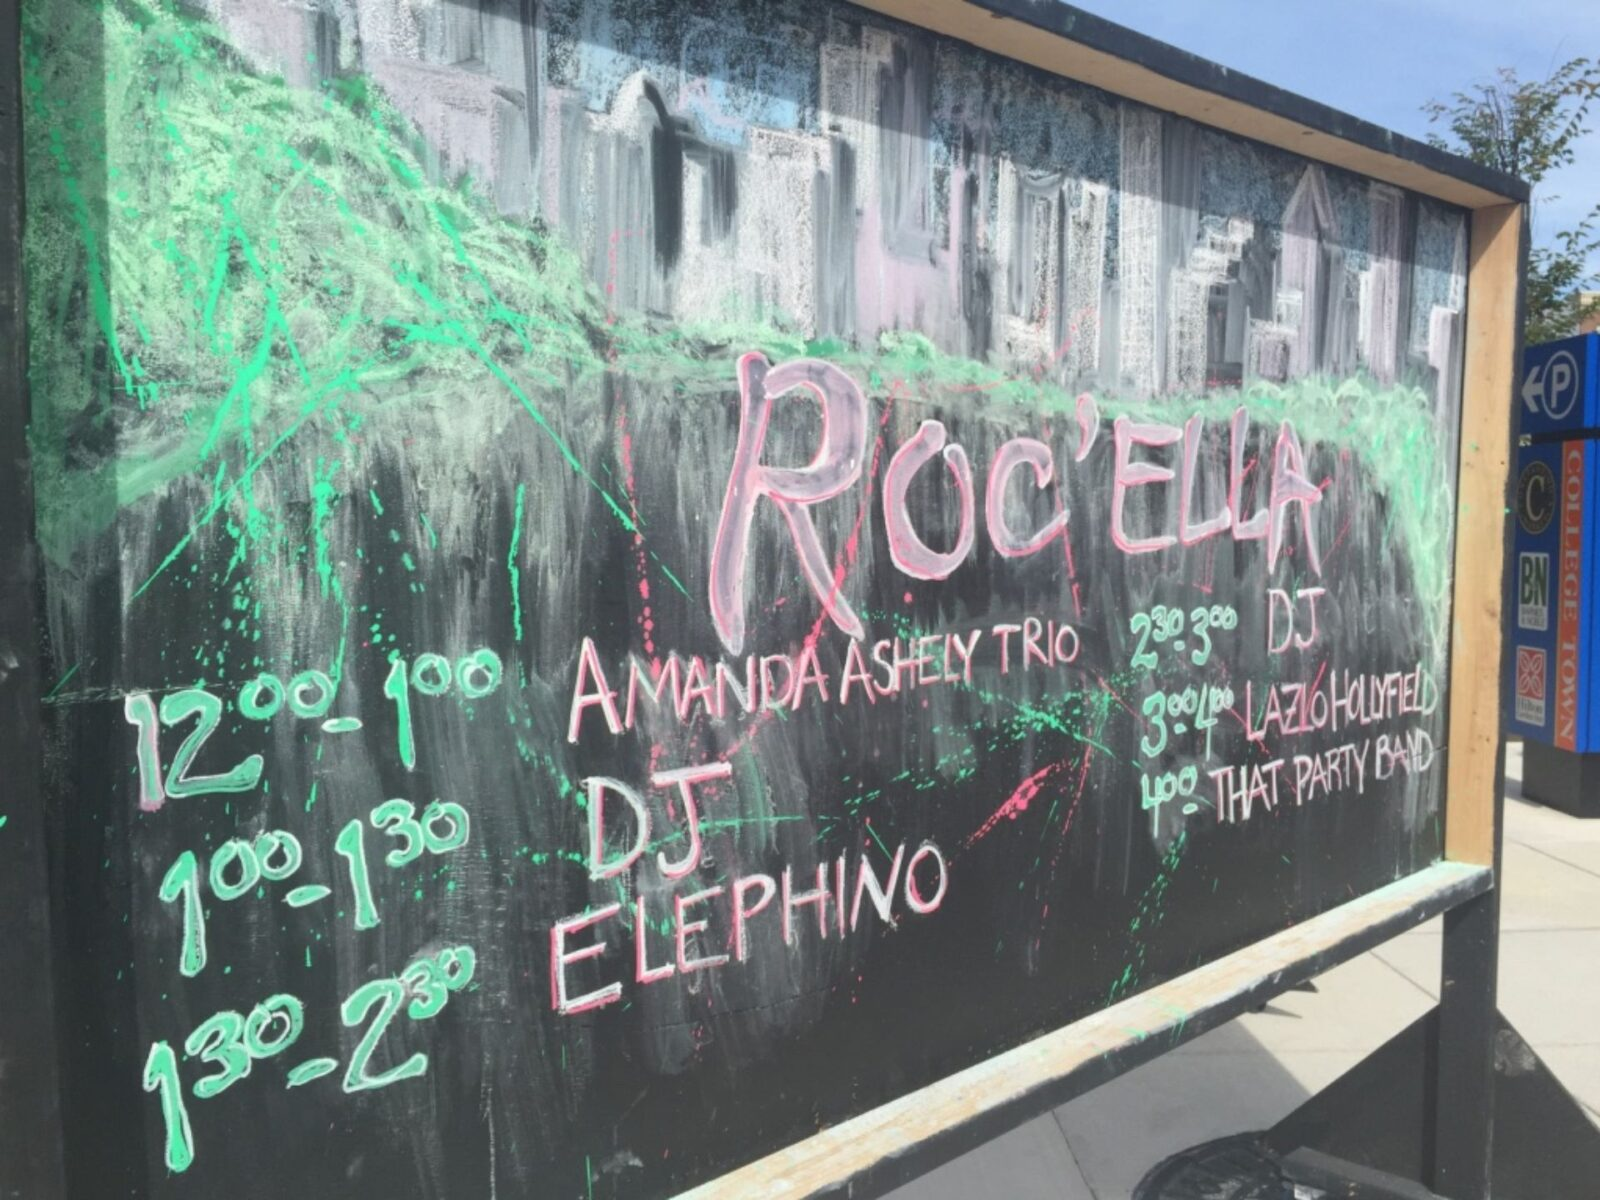 rocella chalkboard